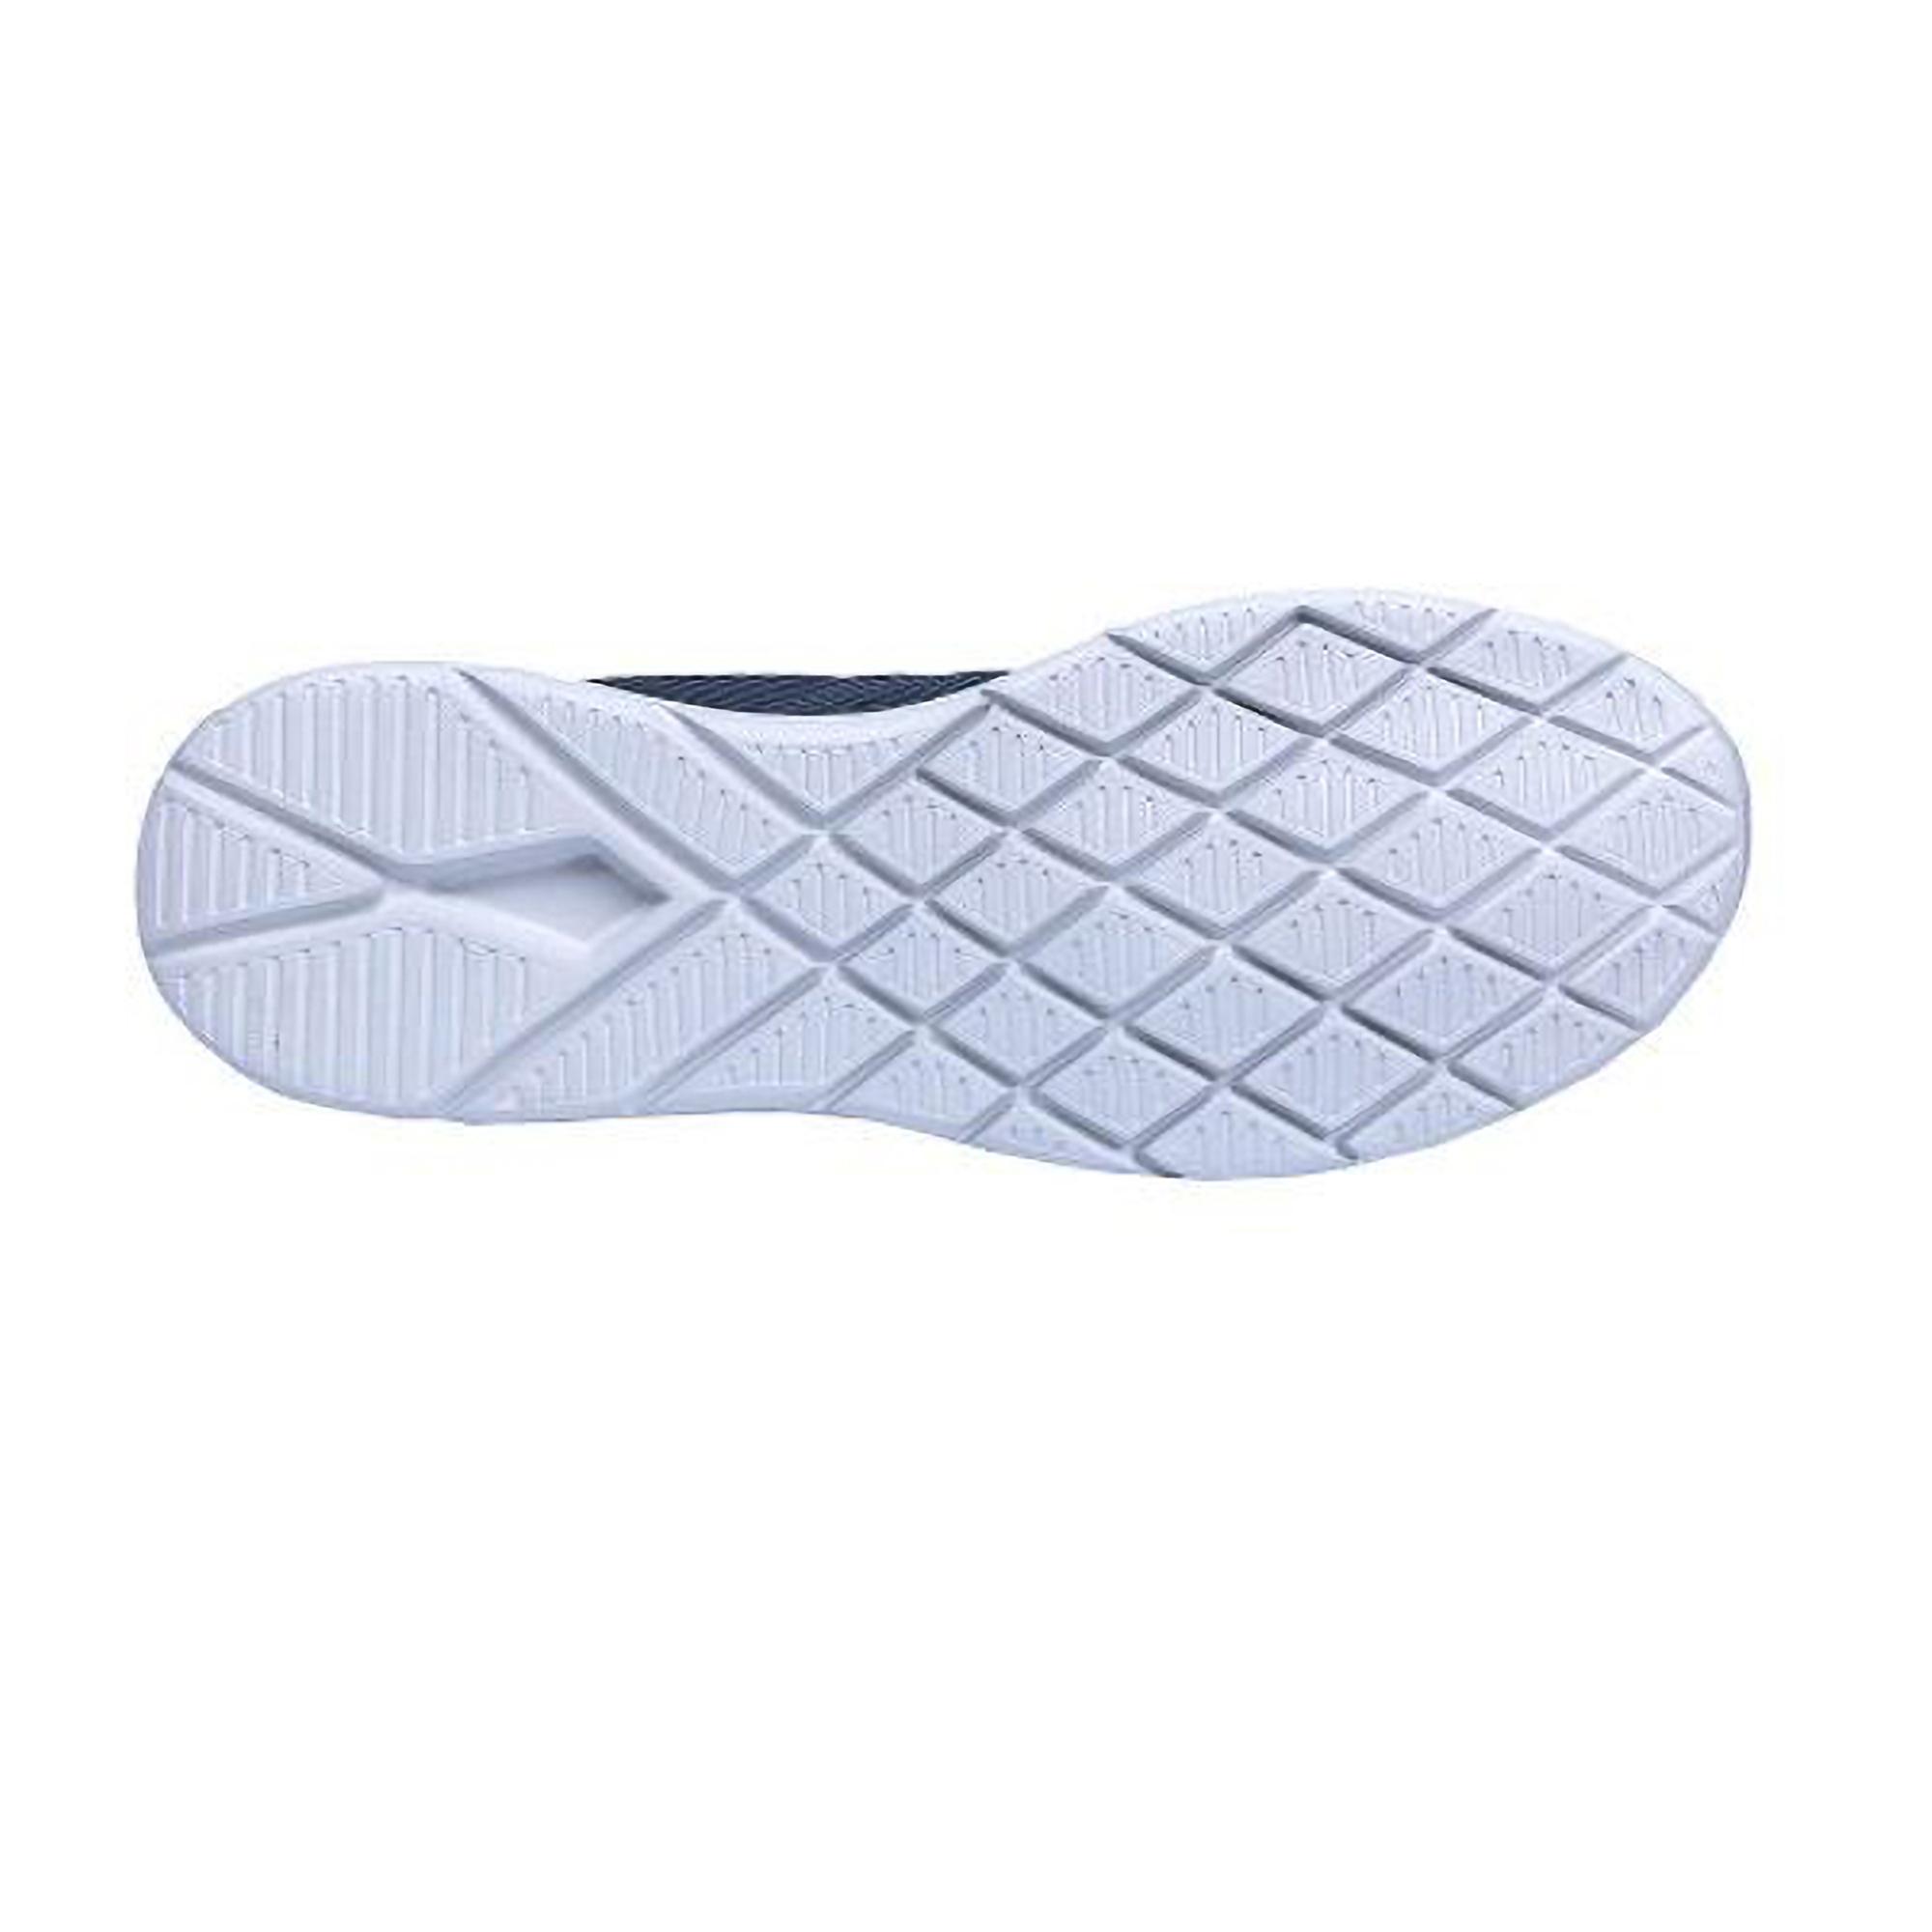 خرید                                     کفش پیاده روی کینتیکس مدل deron کد 21012